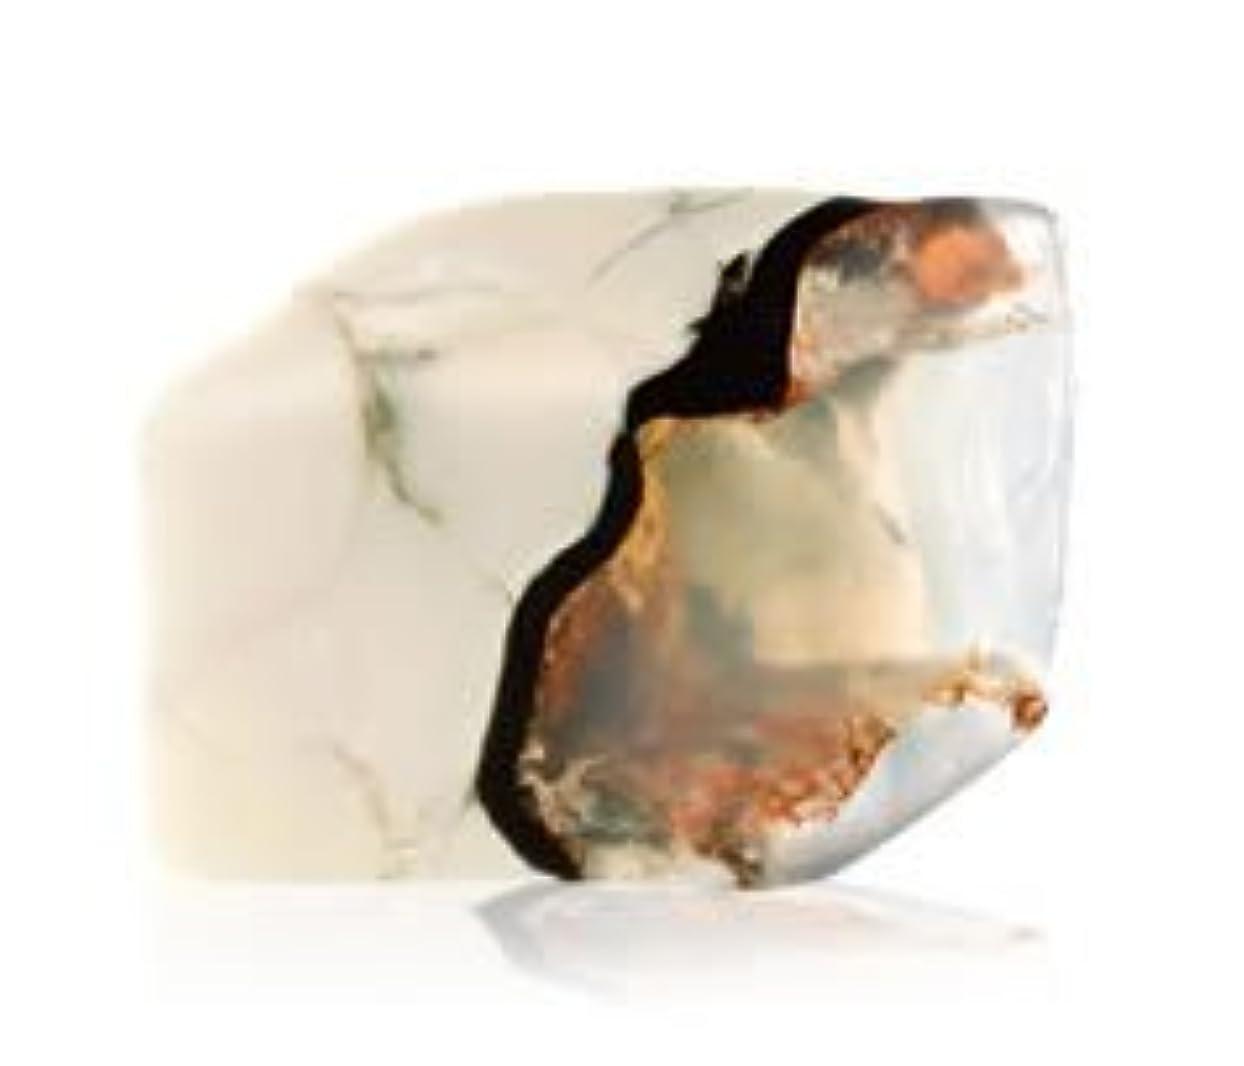 前件見落とす唯物論Savons Gemme サボンジェム 世界で一番美しい宝石石鹸 フレグランスソープ マーブル 170g